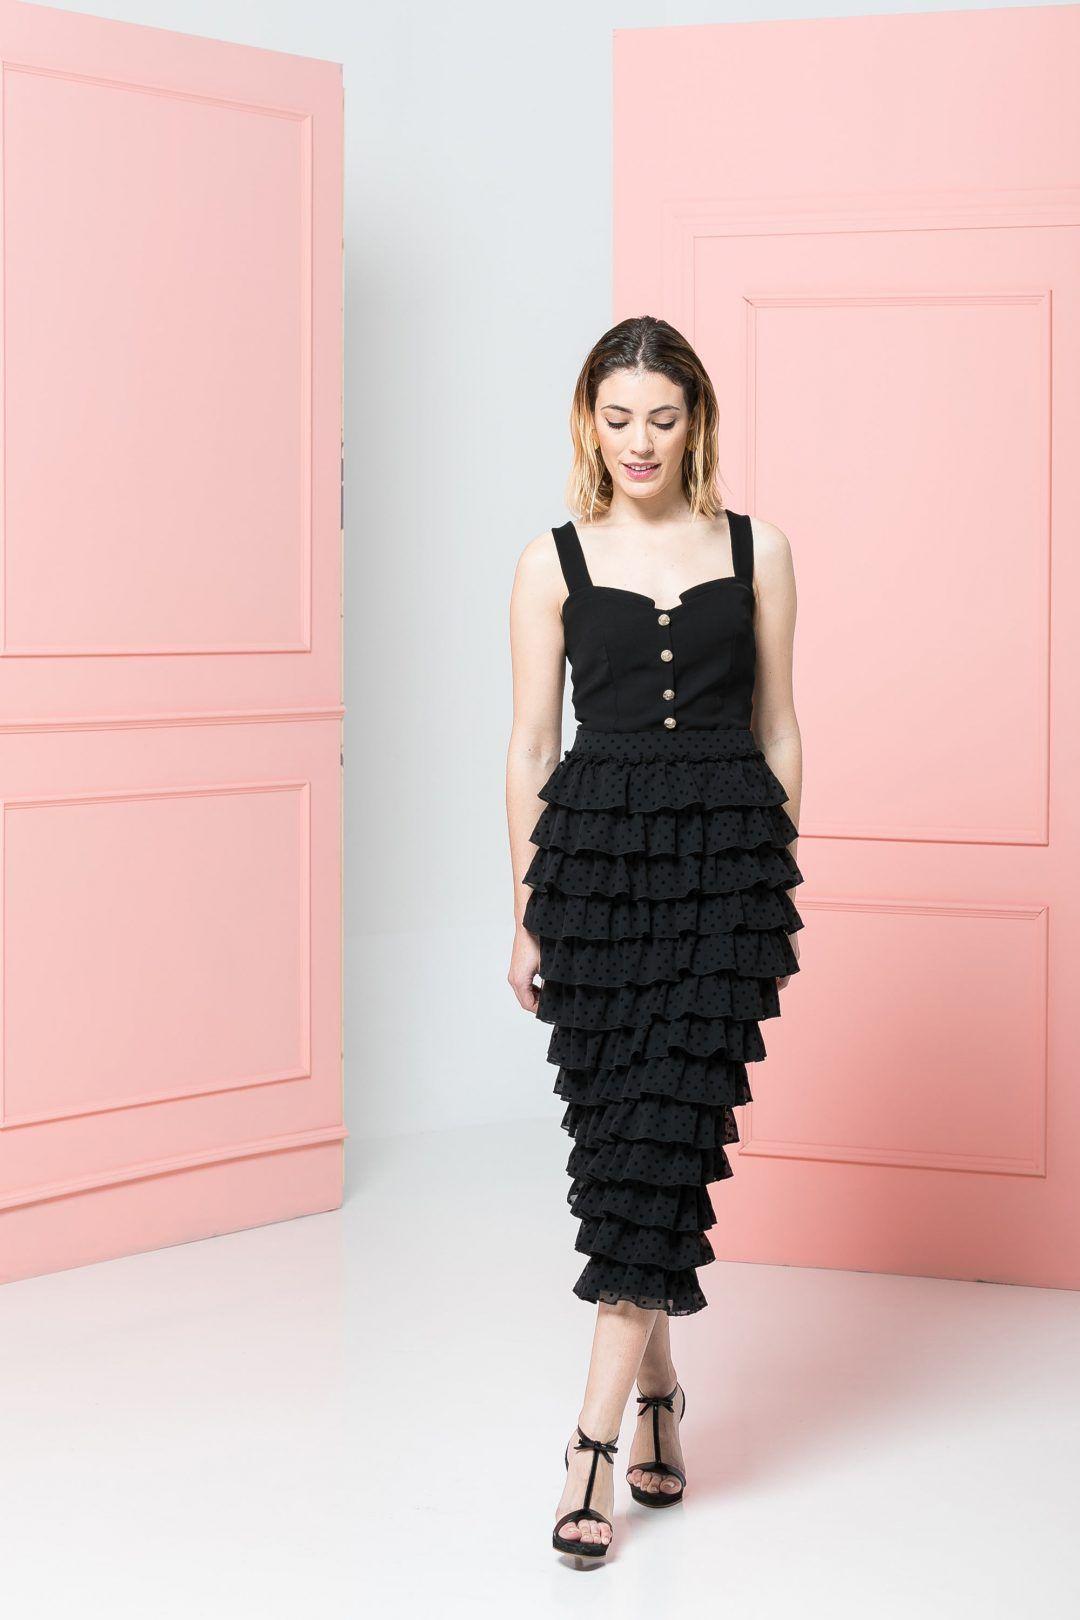 Falda volantes y corset negro | Pinterest | Vestidos invitada boda ...